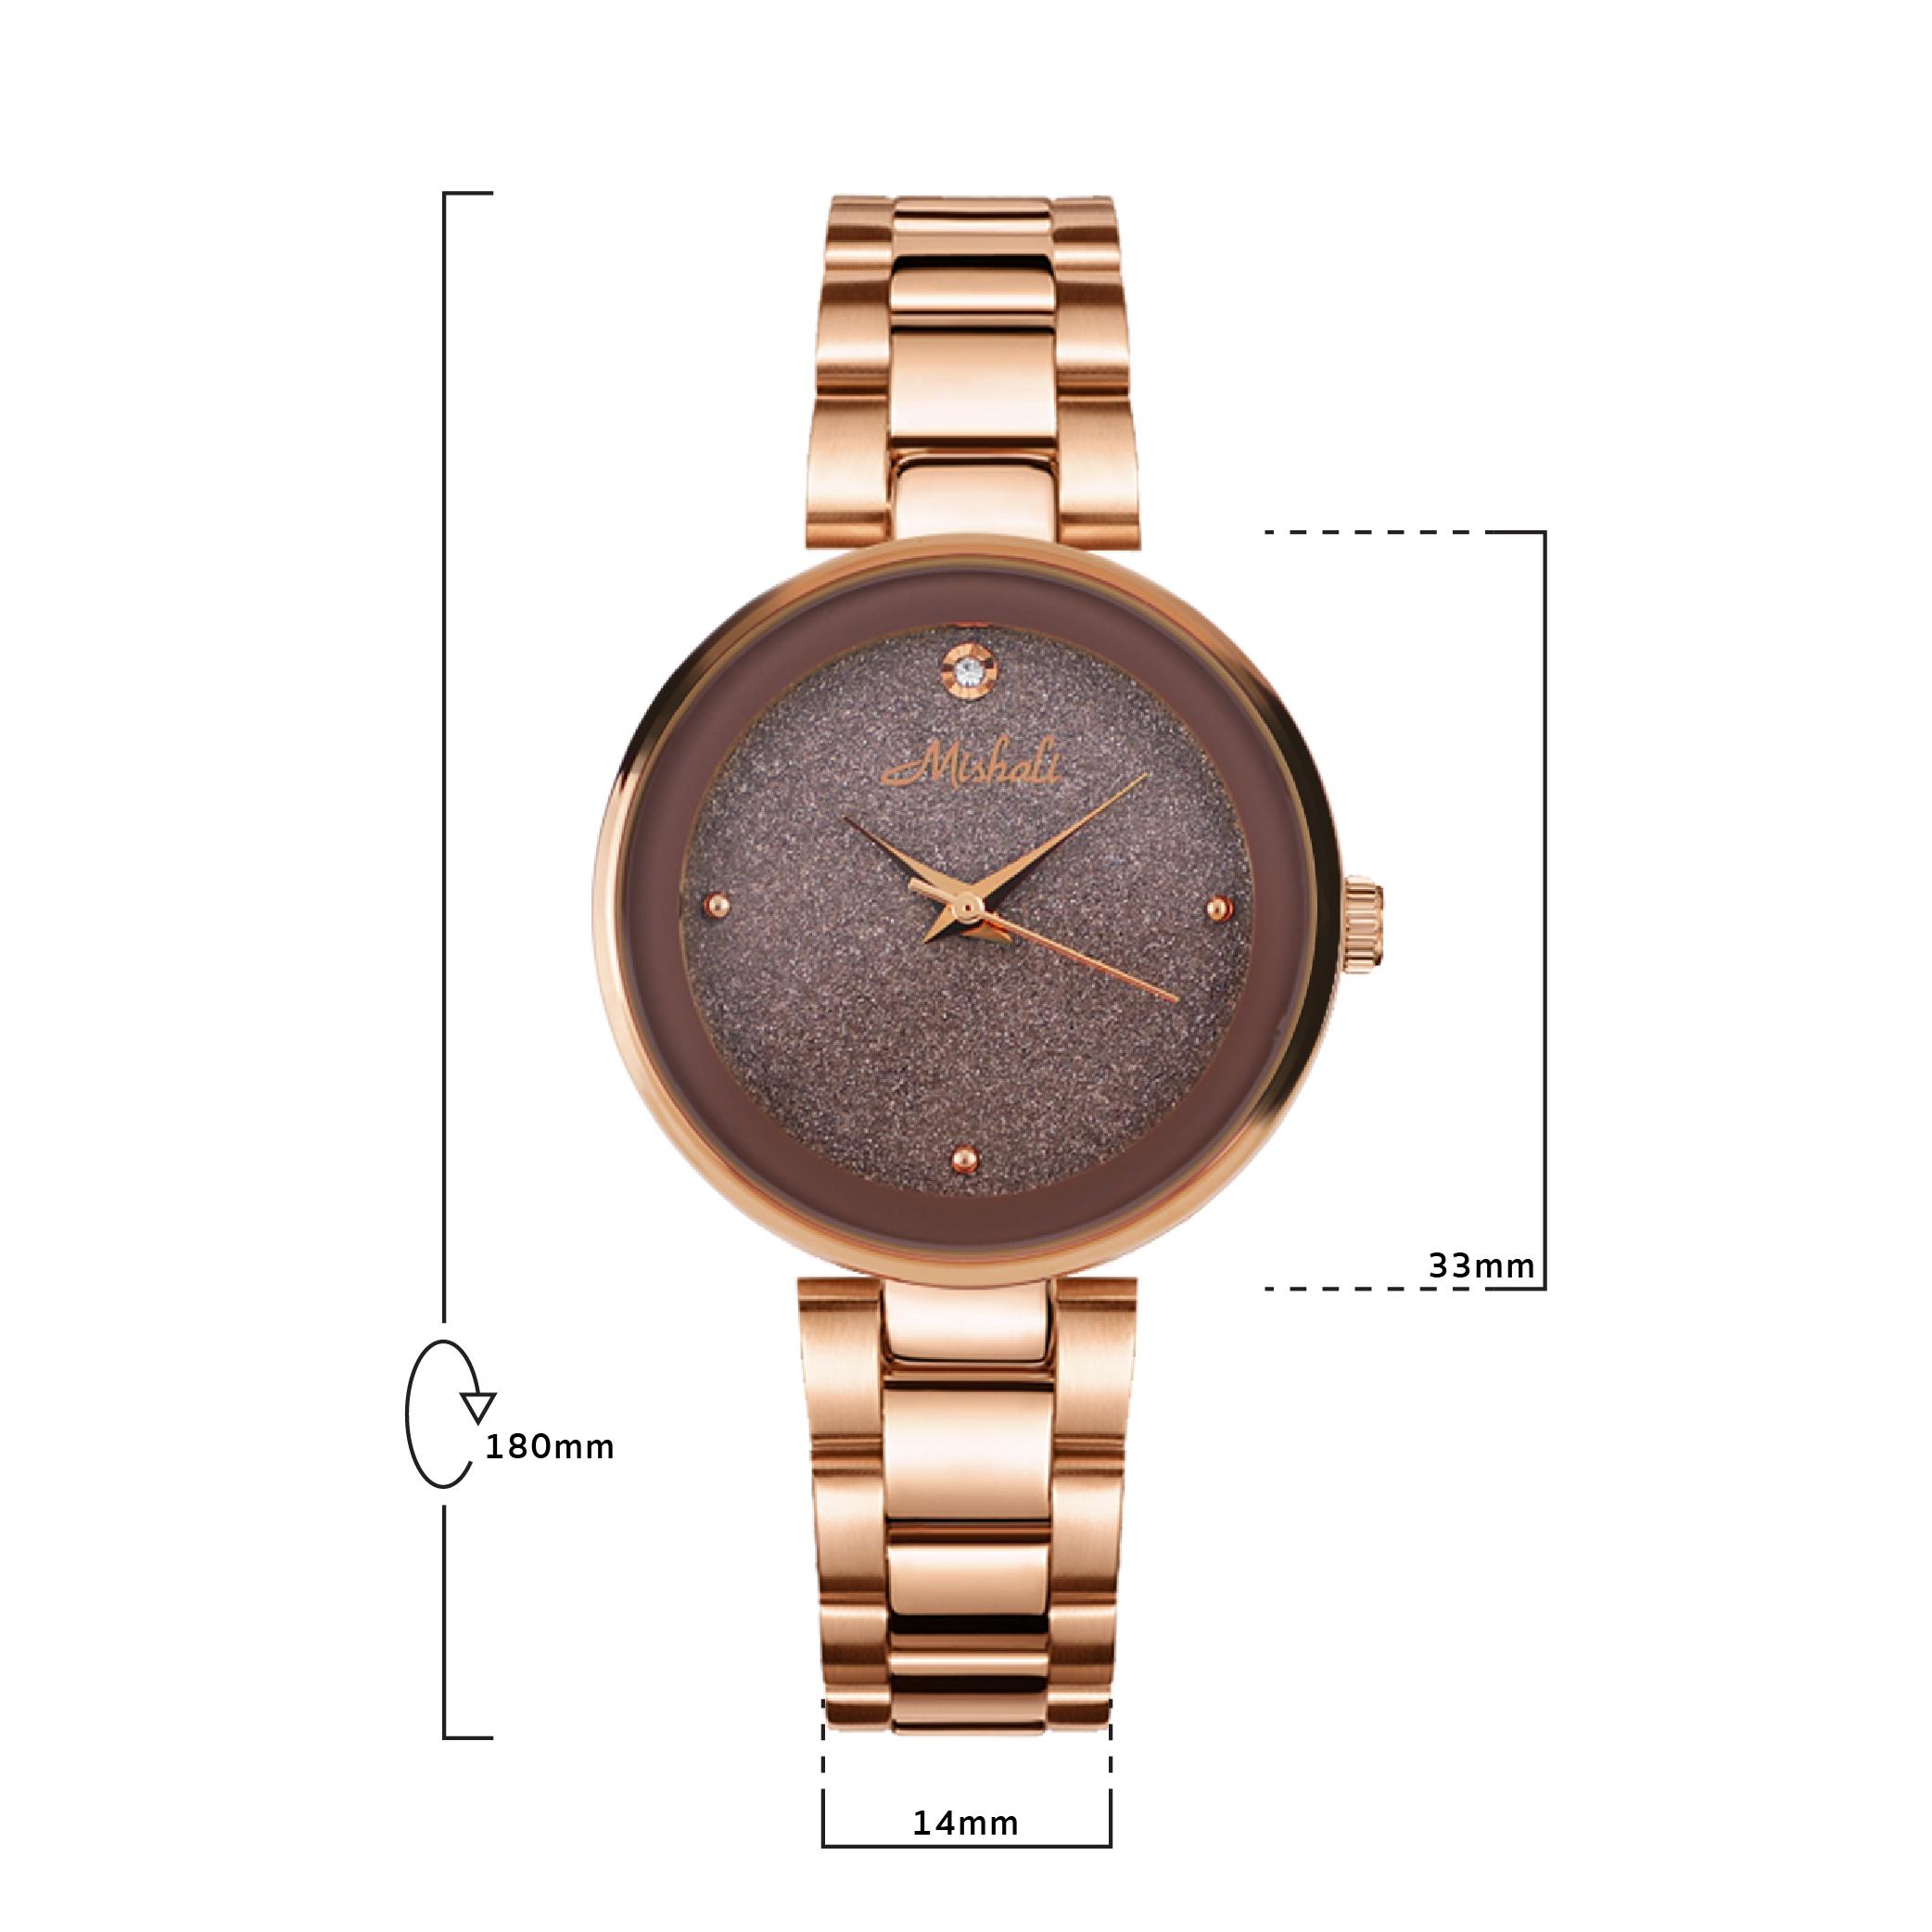 นาฬิกาข้อมือผู้หญิง MISHALI M18005 F